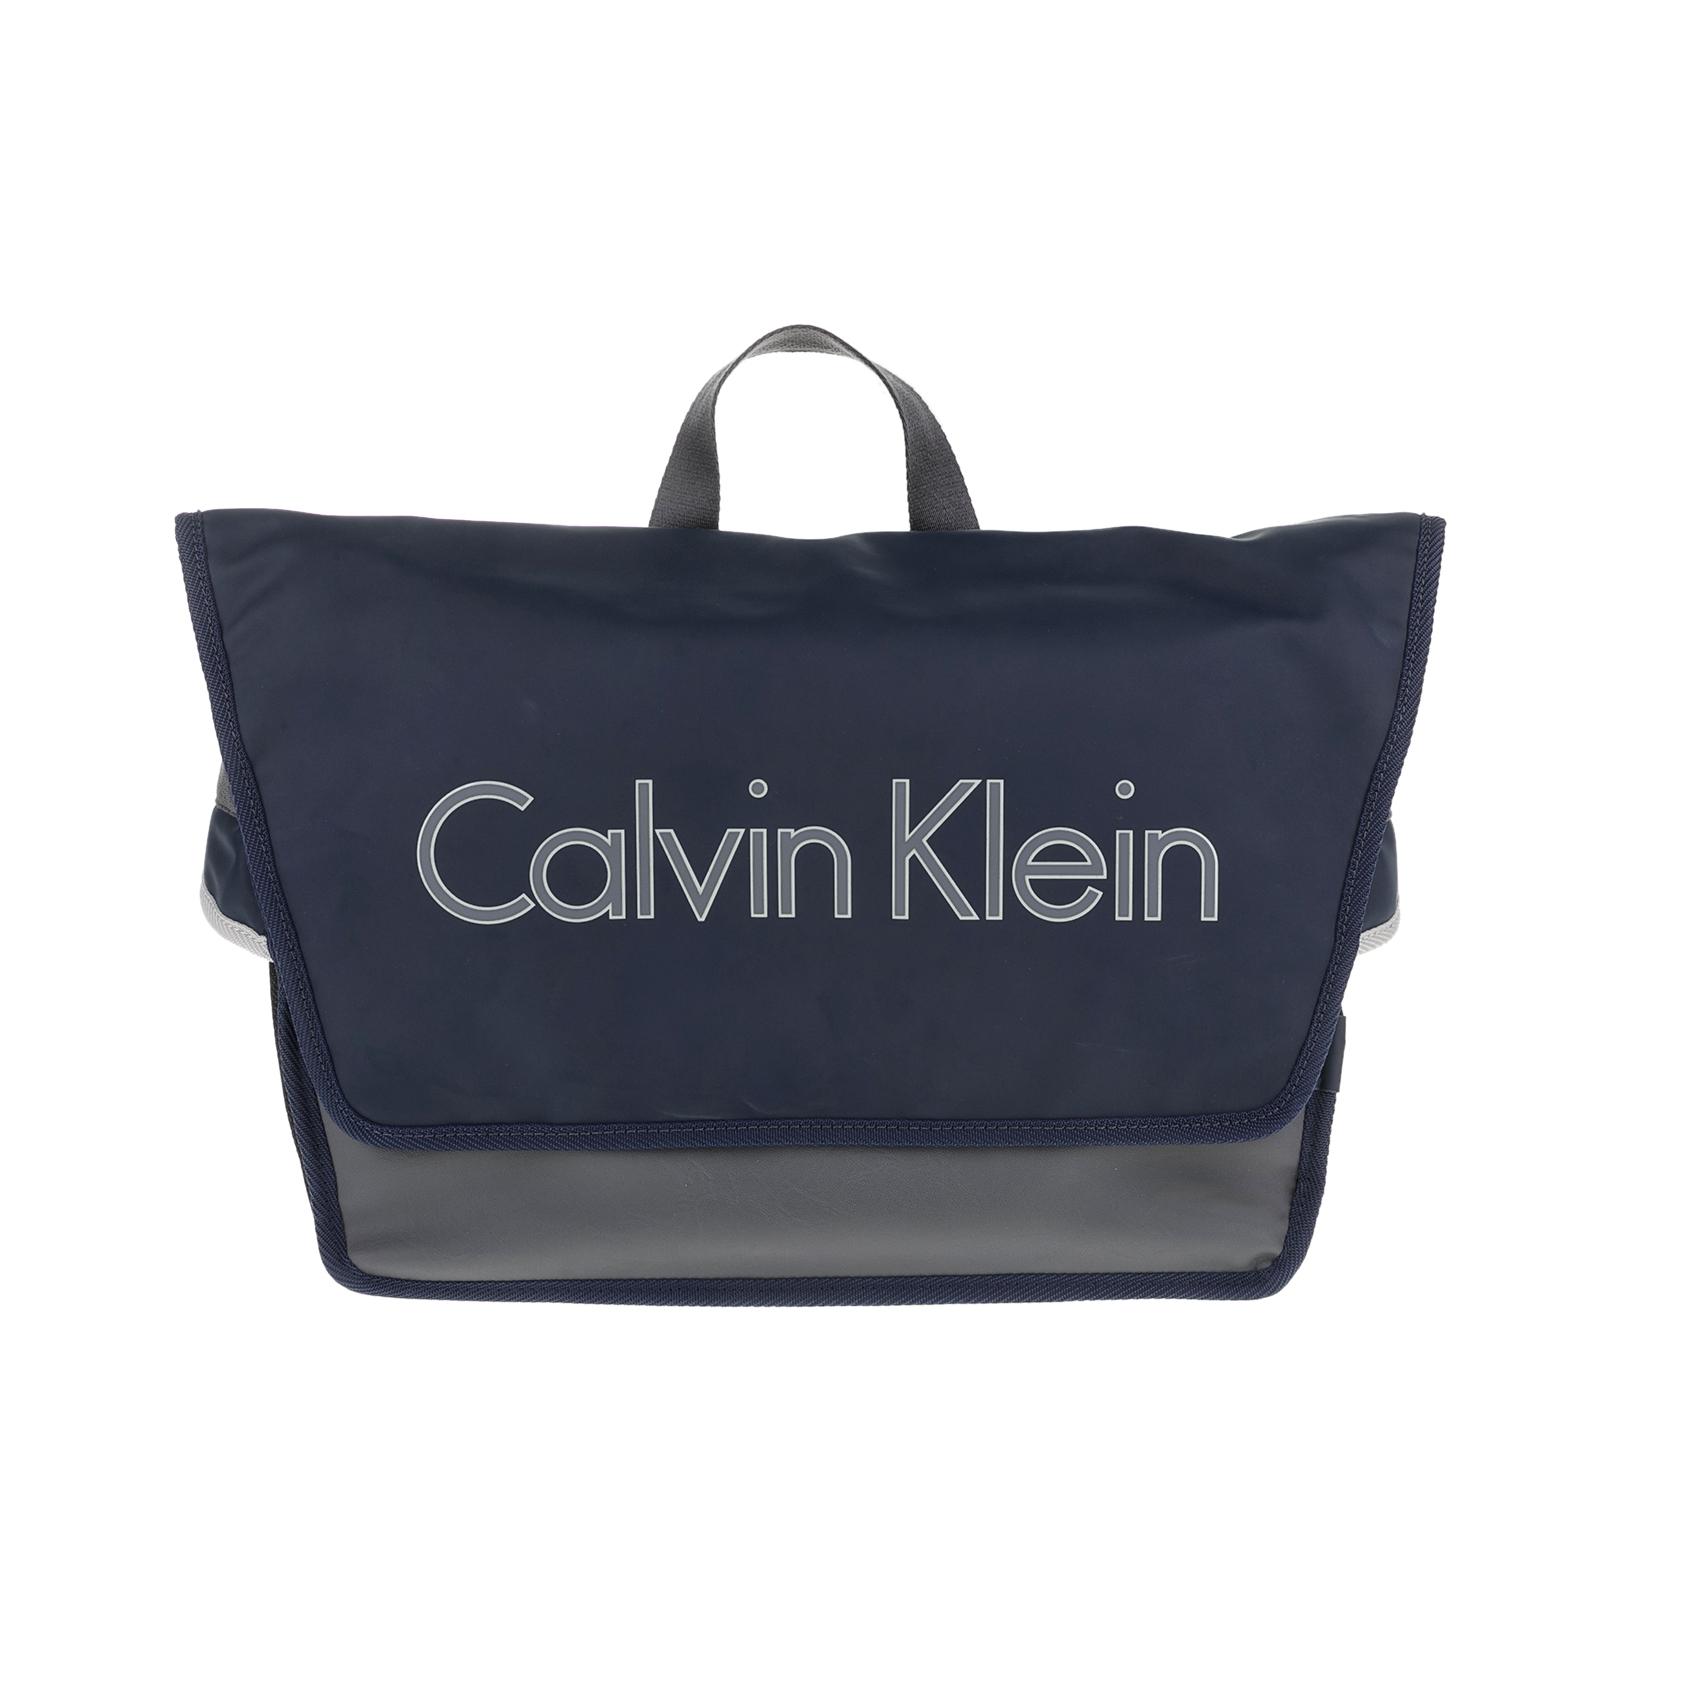 CALVIN KLEIN JEANS - Ανδρική τσάντα ταχυδρόμου CALVIN KLEIN JEANS μπλε-μαύρη ανδρικά αξεσουάρ τσάντες σακίδια ταχυδρόμου